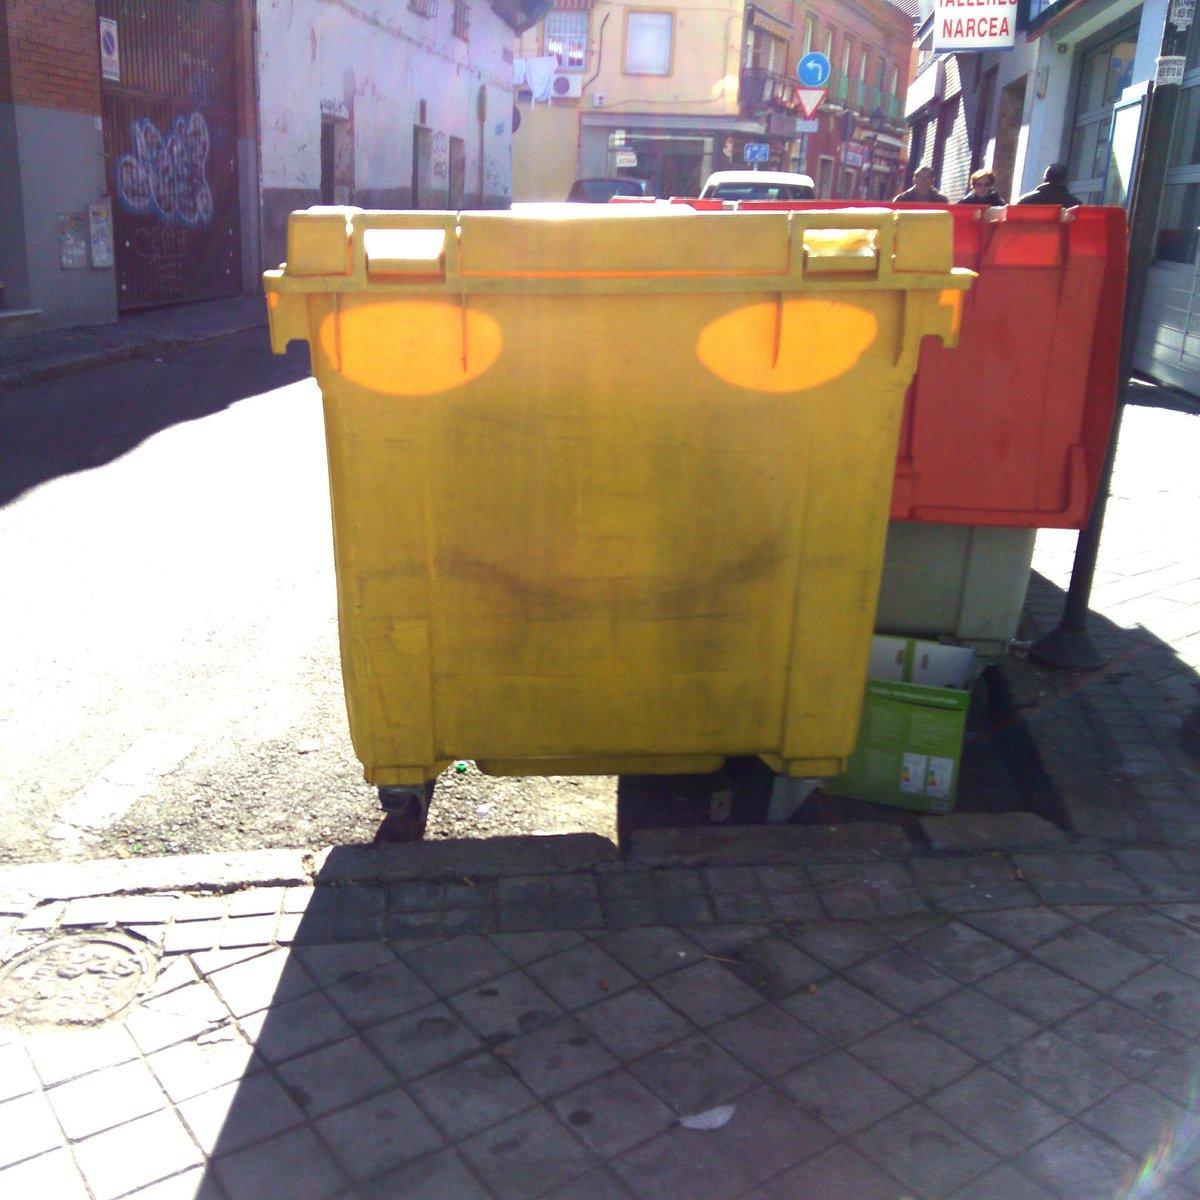 Si un cubo de basura puede sonreír, ¿Cuál es el motivo para que tú no lo hagas? #FelizDia #Vicalvaro #Madrid #trashcan